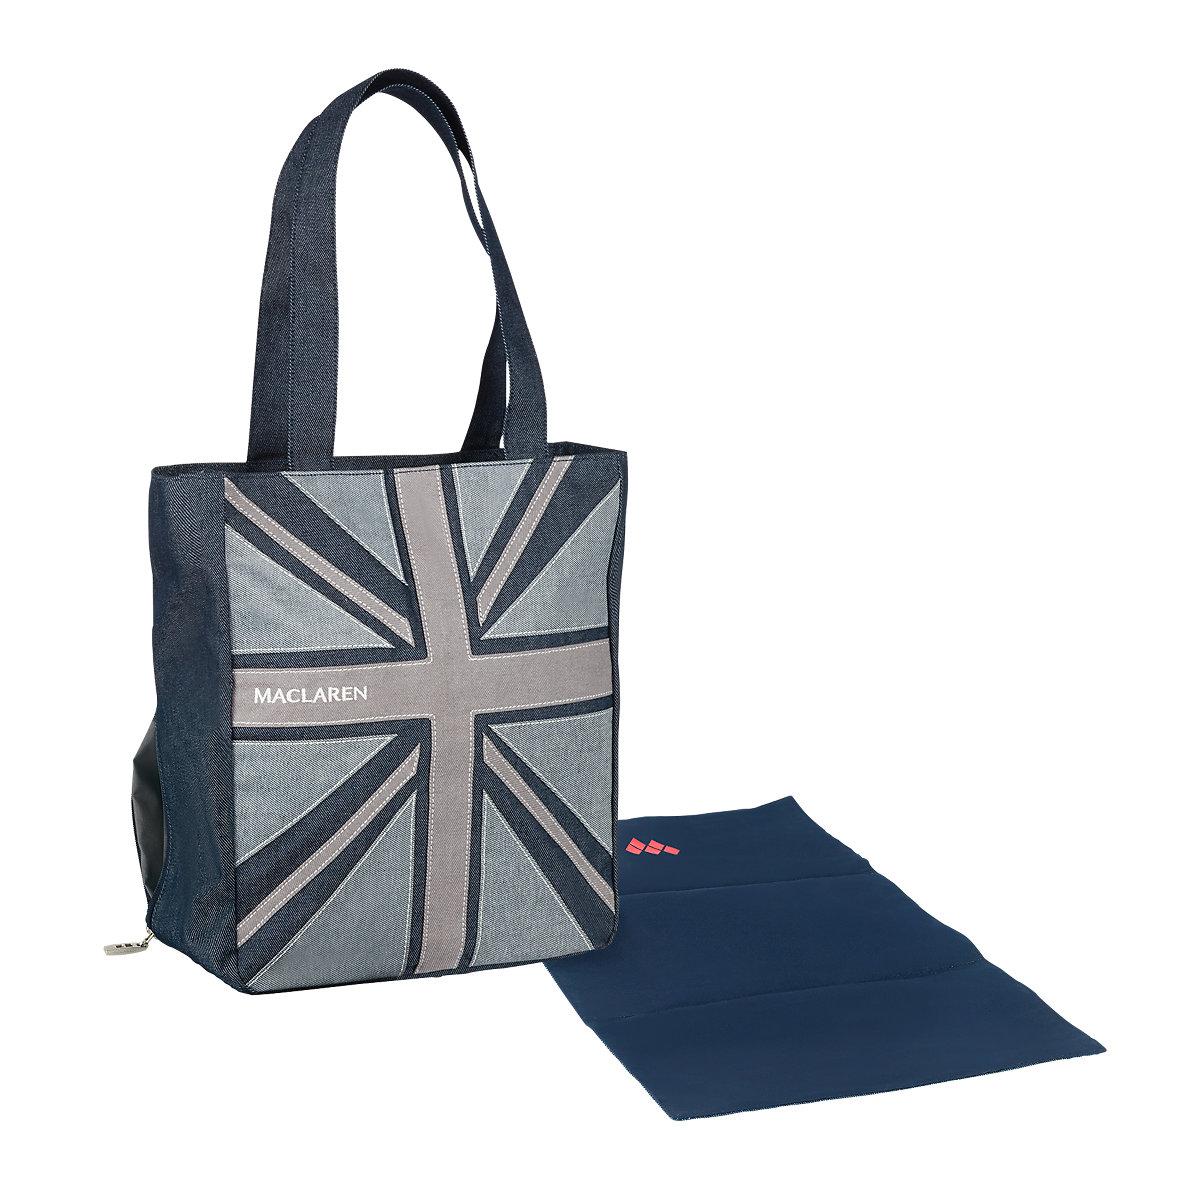 アウトレットセール 特集 日常が楽しくなるトートバッグ A bag for everyday essentials. Maclaren Magazine Tote 在庫あり ベビーカー Denim マクラーレン バギー マガジントートバッグ_デニム ストローラー